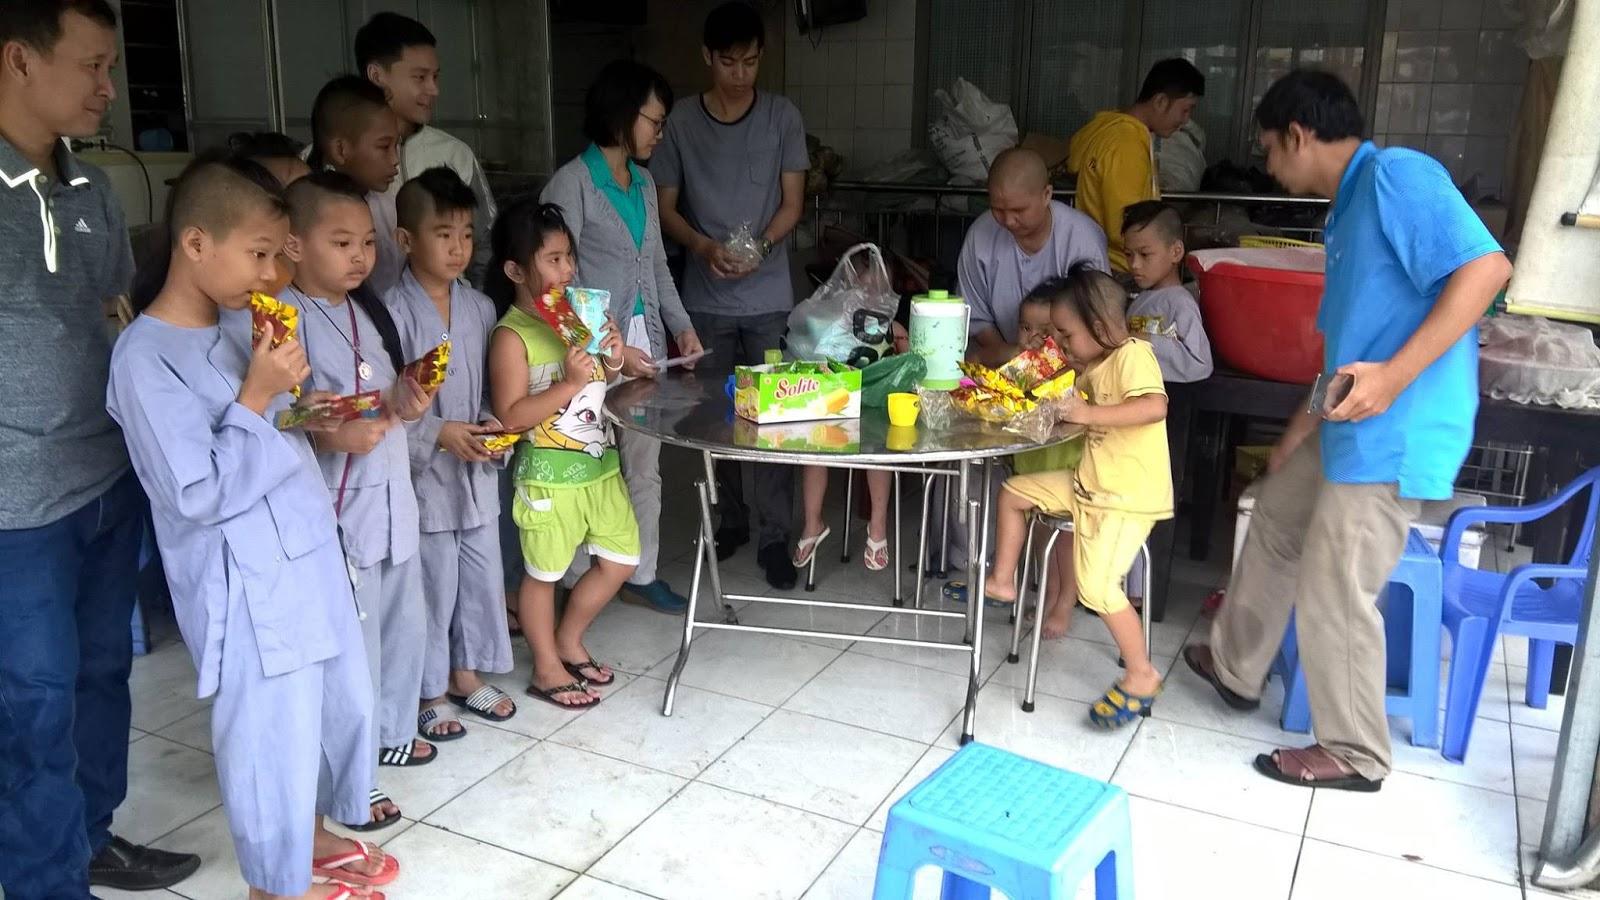 Chương trình thiện nguyện cùng Kim Hải Đông đến tịnh thất Thanh Quang, giúp đỡ các bé cô nhi.